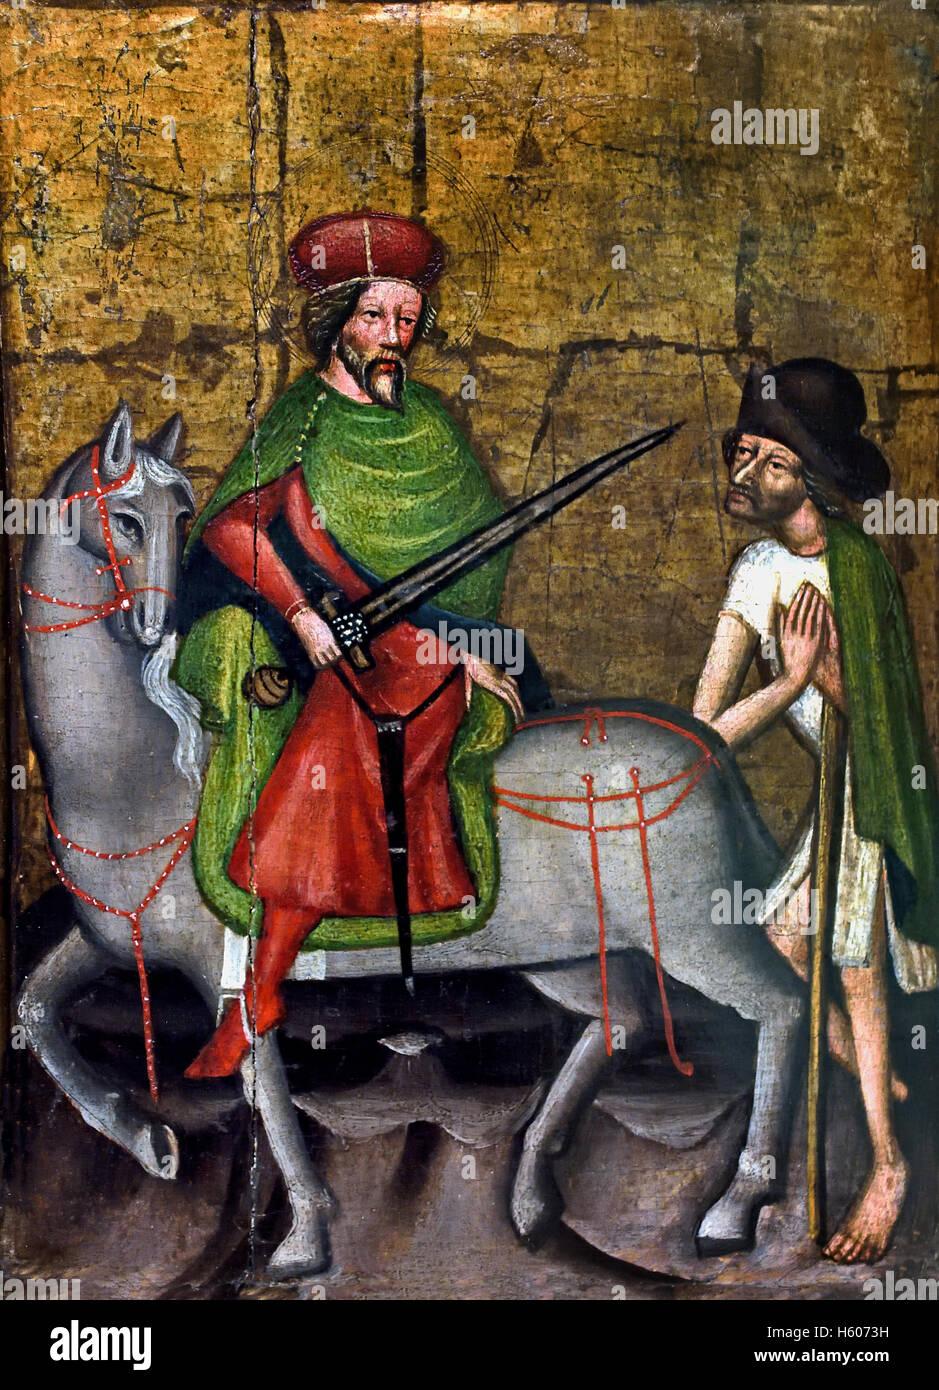 Der Heilige Martin teilt seine Mantel mit einem Bettler - Saint Martin shares his coat with a beggar 14th Century - Stock Image